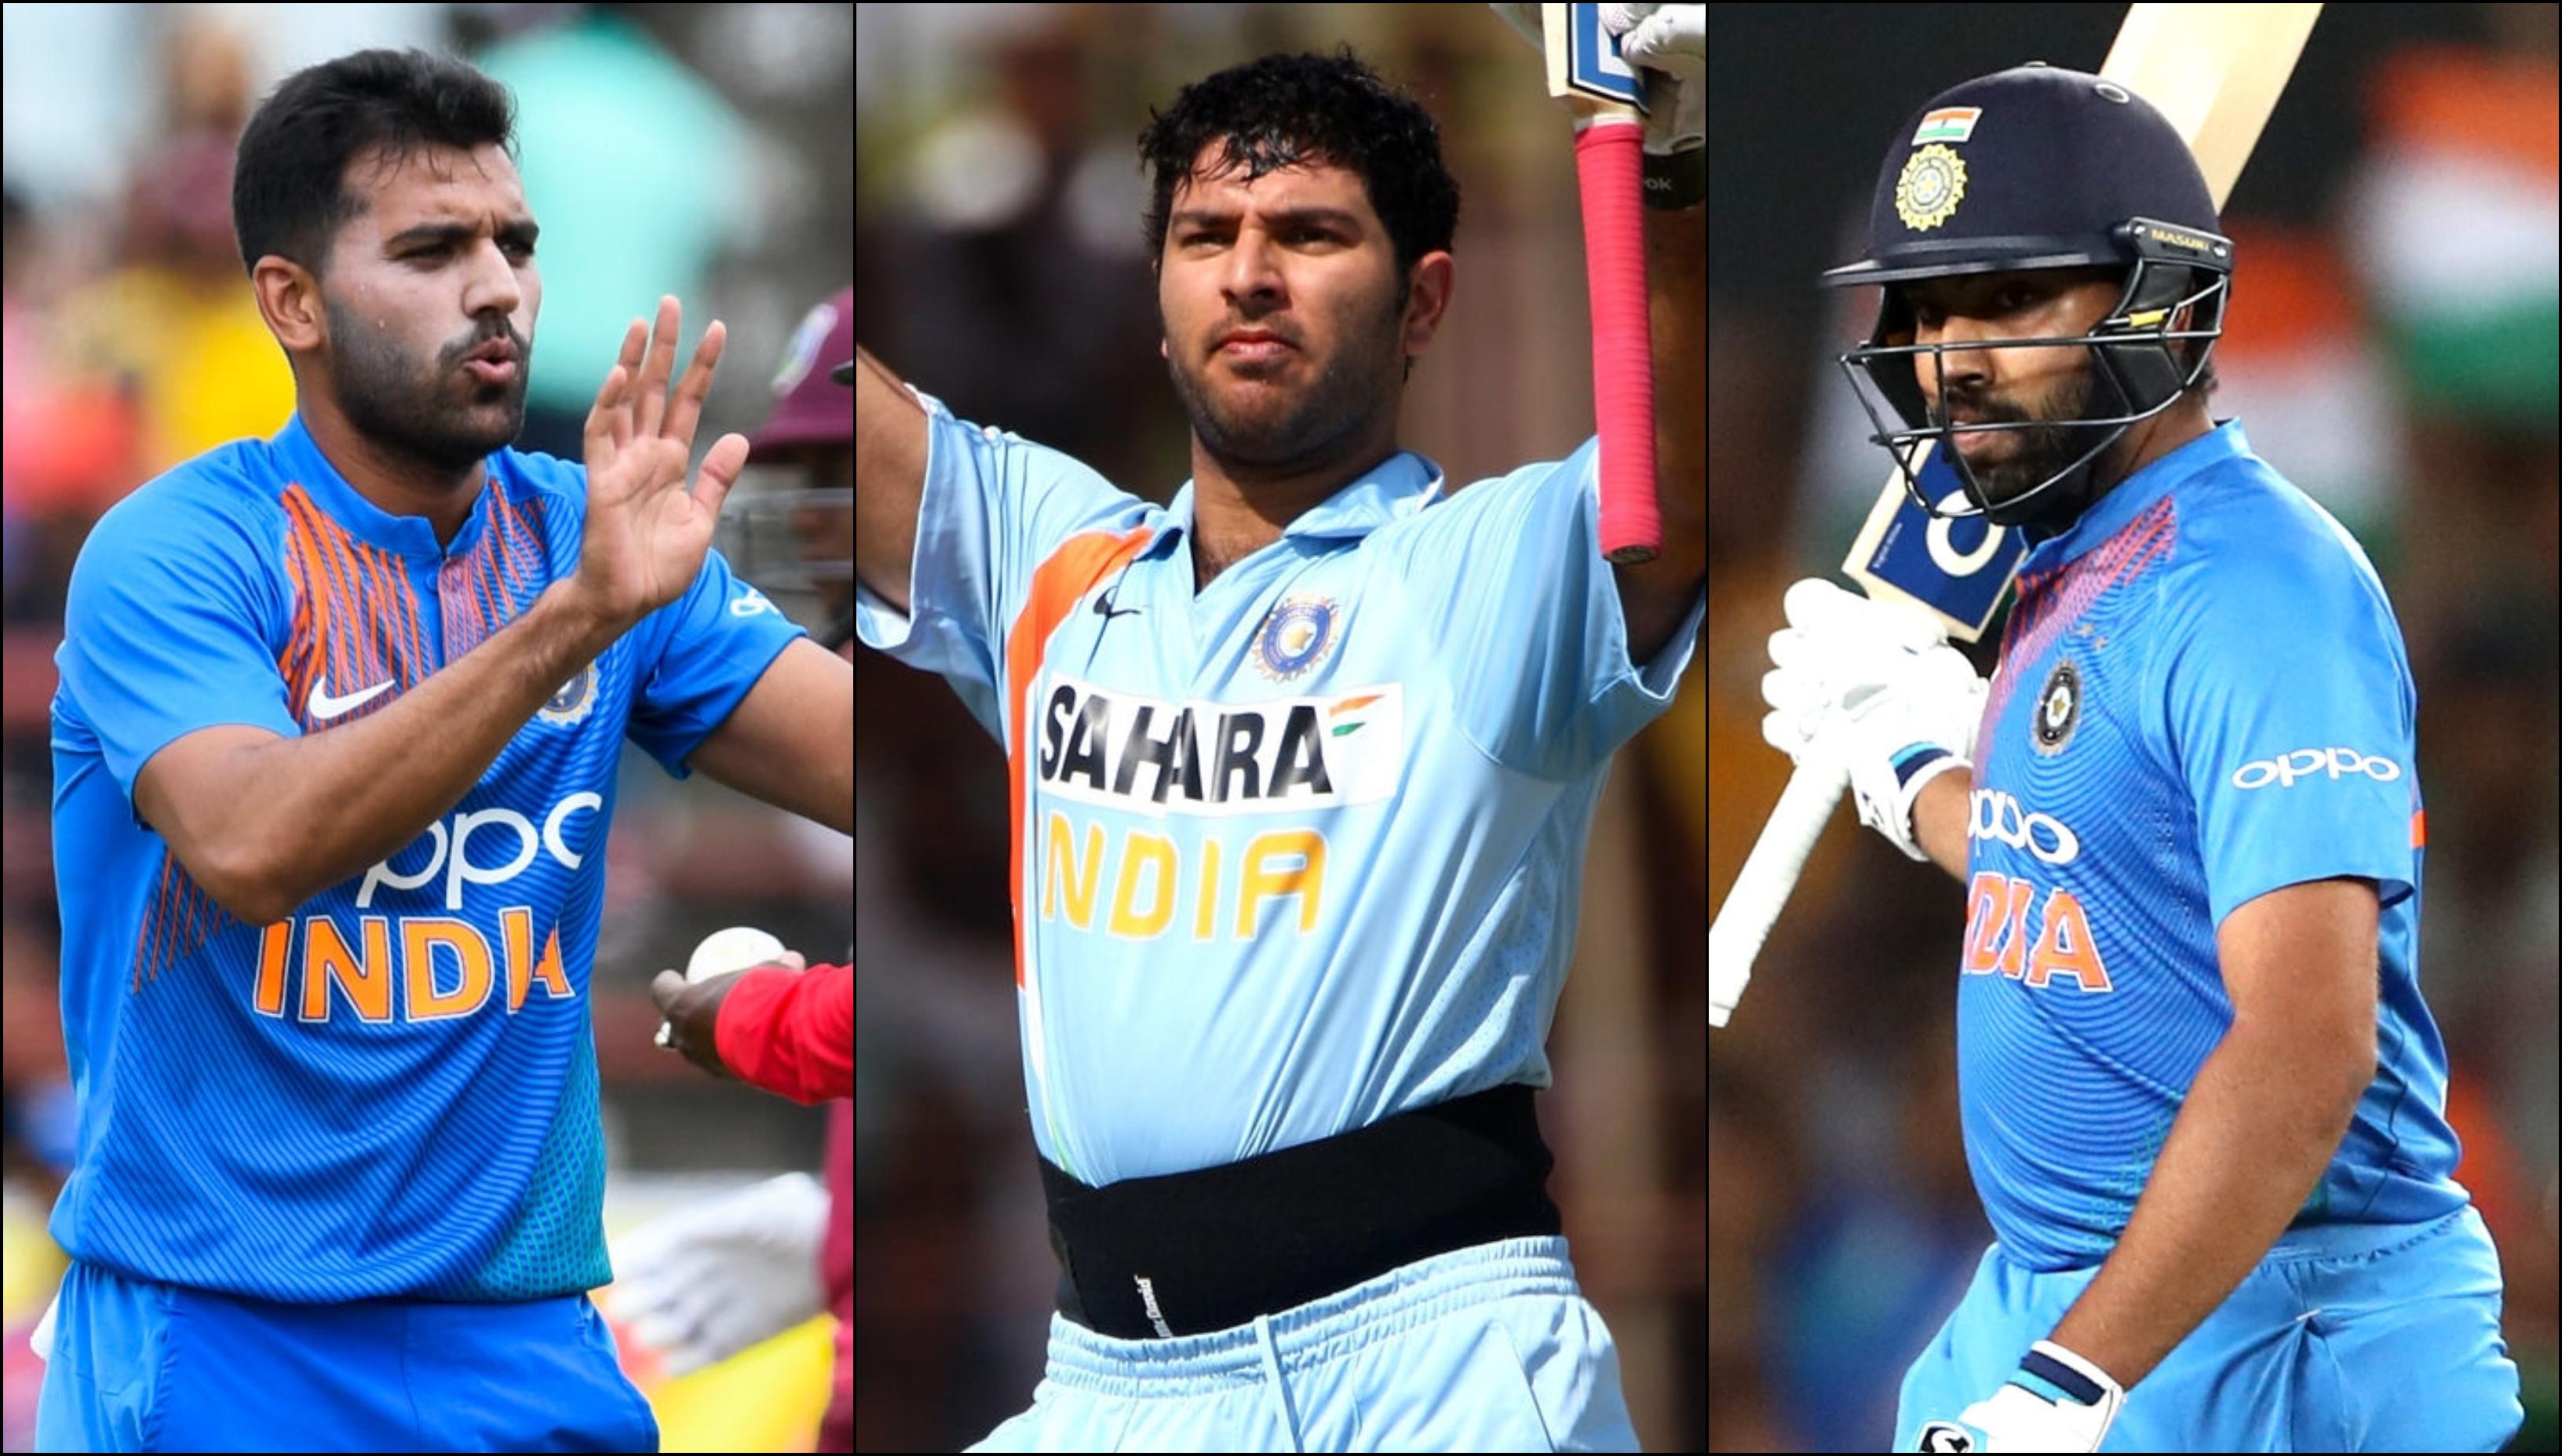 भारतीय खिलाड़ियों के नाम दर्ज टी-20 के सबसे बेहतरीन रिकॉर्ड | Getty